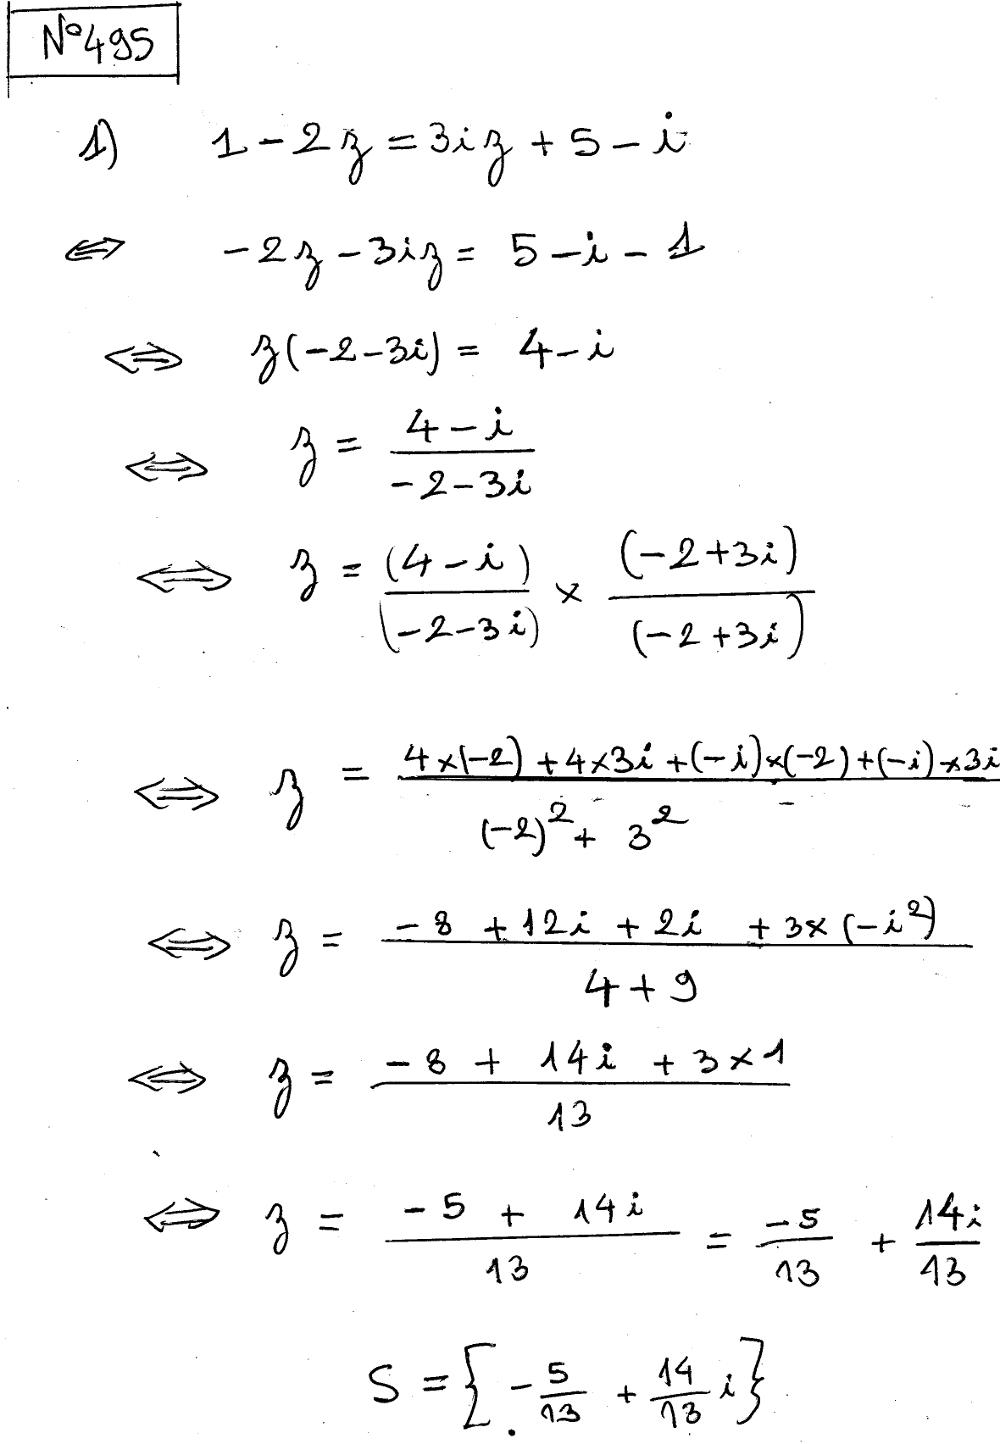 Complexes - Equations, premier et second degré, conjugué ...